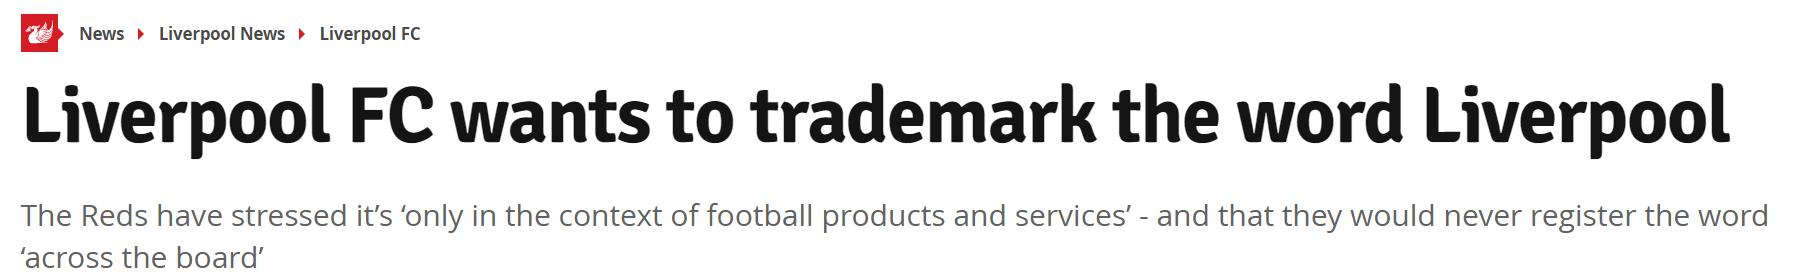 防止假冒产品,利物浦将为利物浦一词注册商标